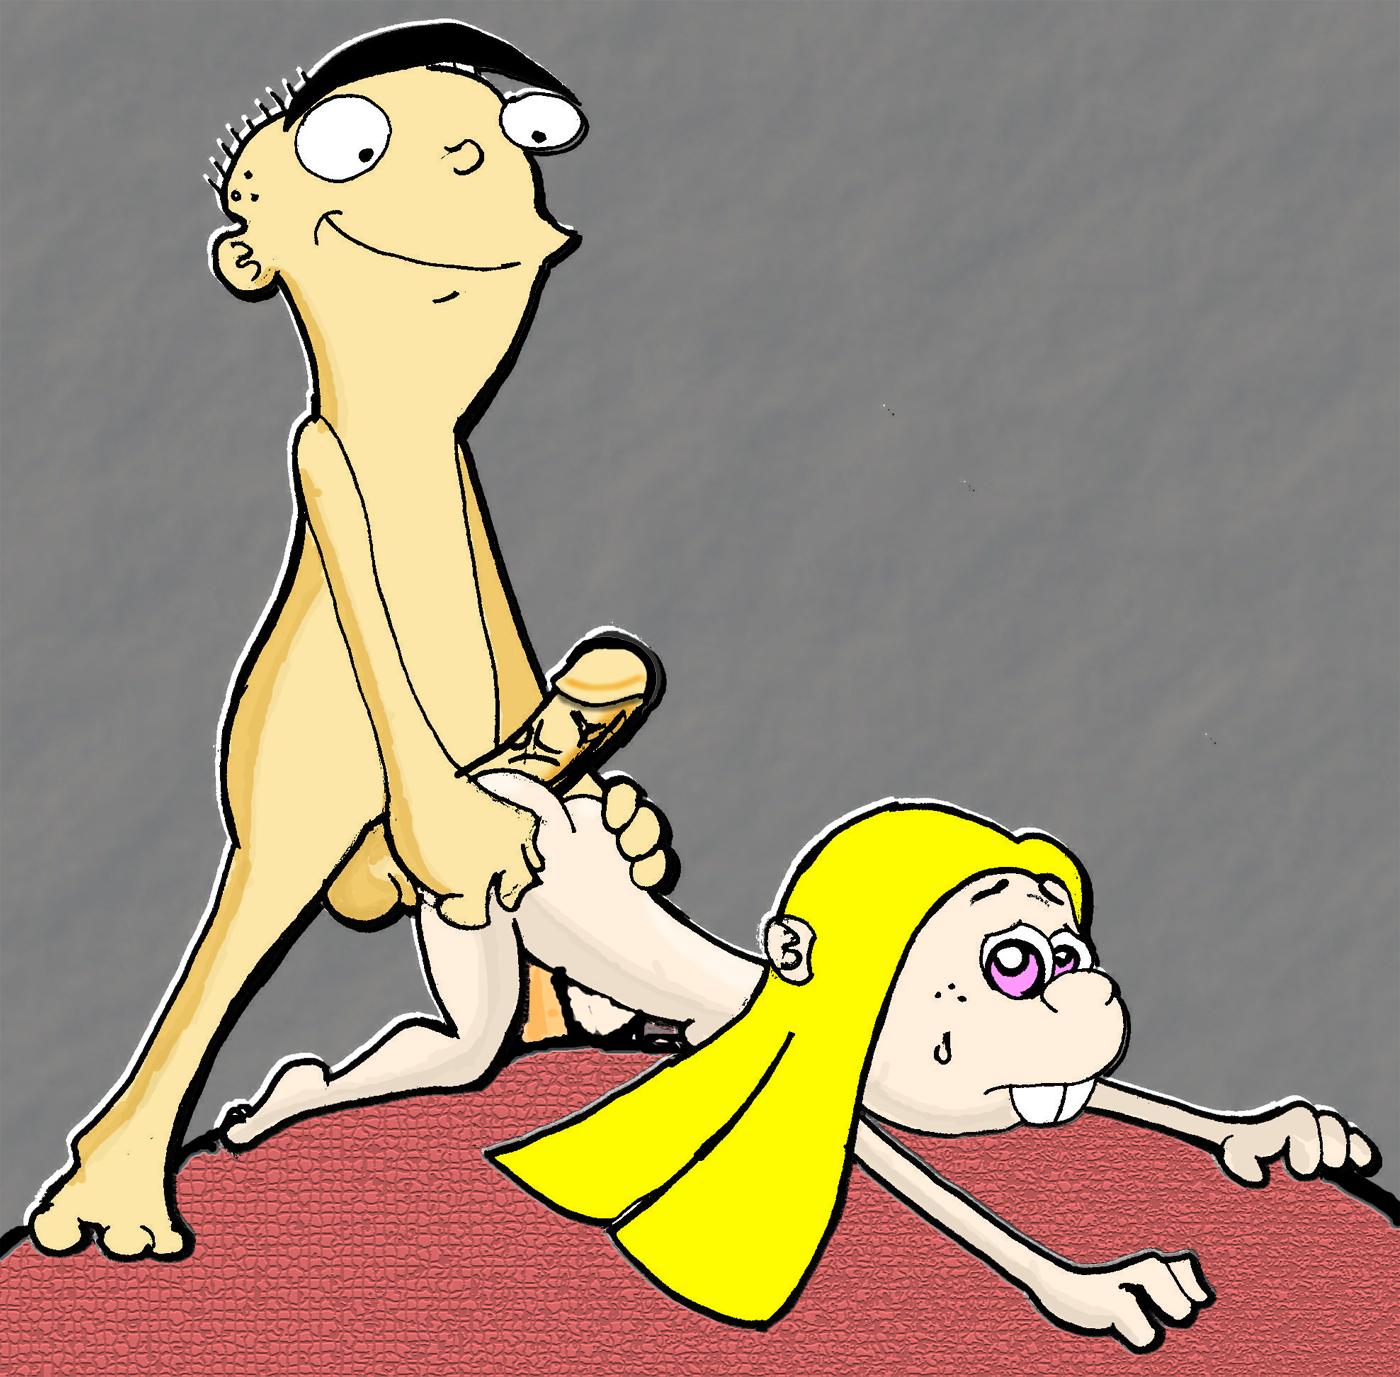 porn ed eddy sugar and edd rebecca Rick and morty breast expansion